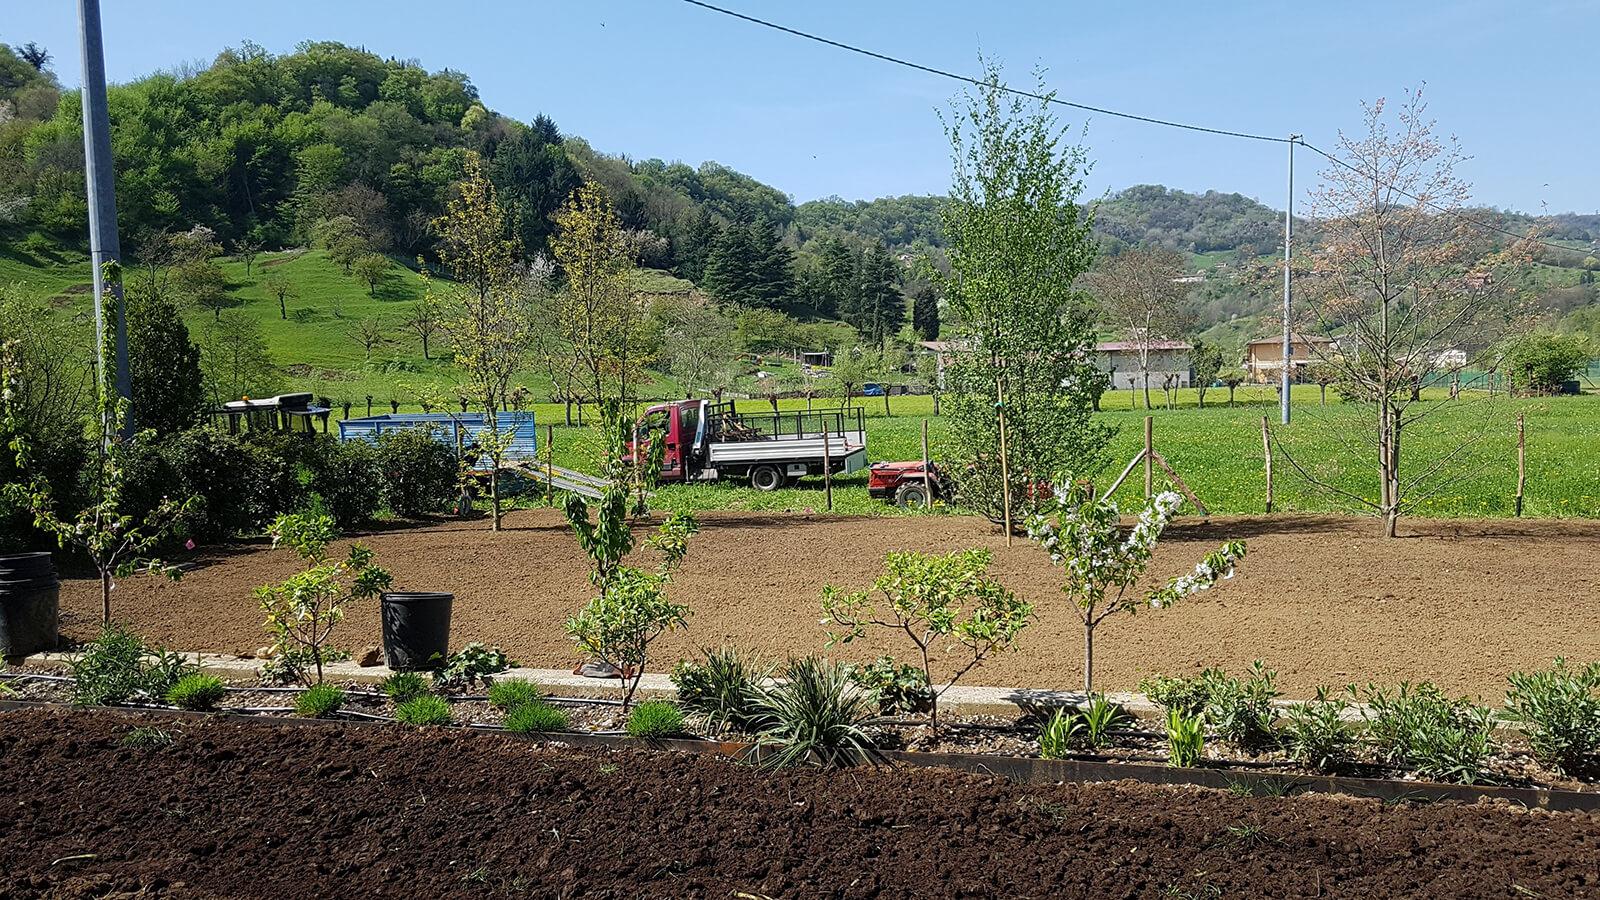 progettazione realizzazione giardini marostica - verde blu giardini 3